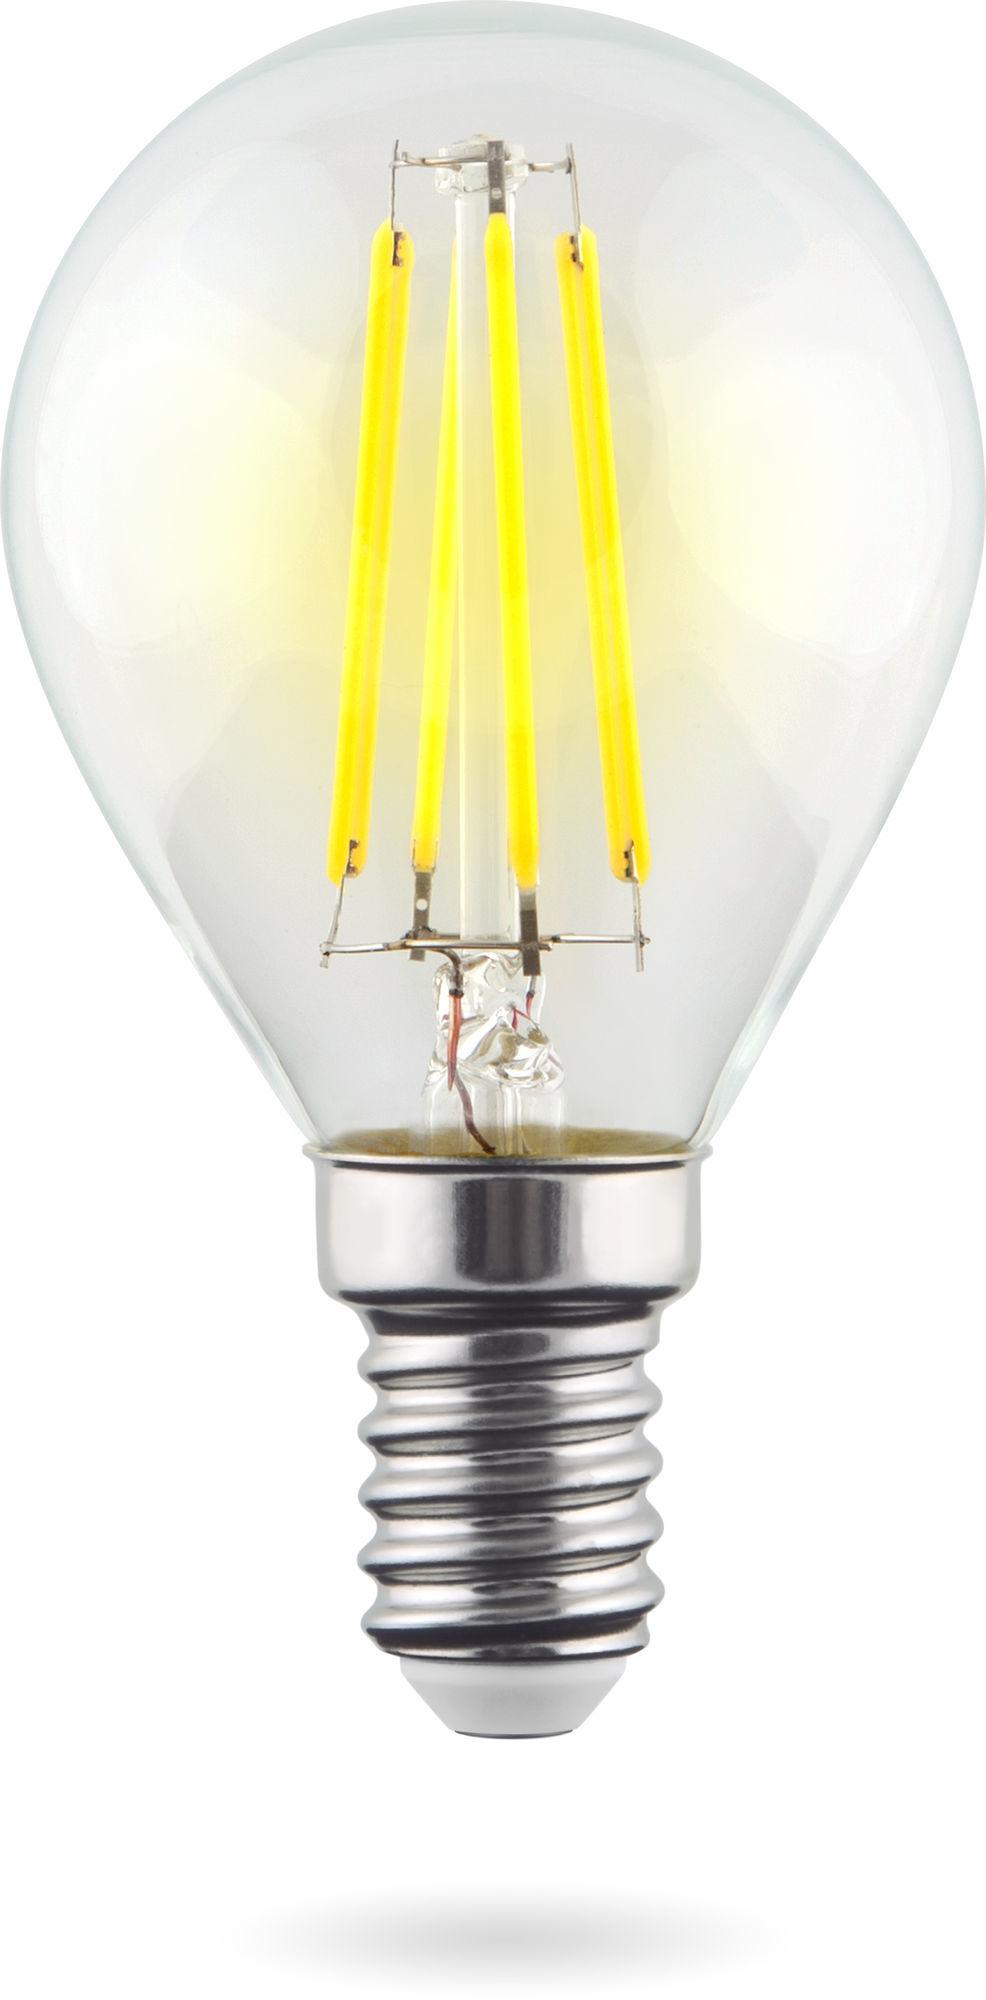 Филаментная светодиодная лампа Voltega Crystal 7098 шар малый E14 9W, 2800K (теплый) 220V, гарантия 3 года - фото 1